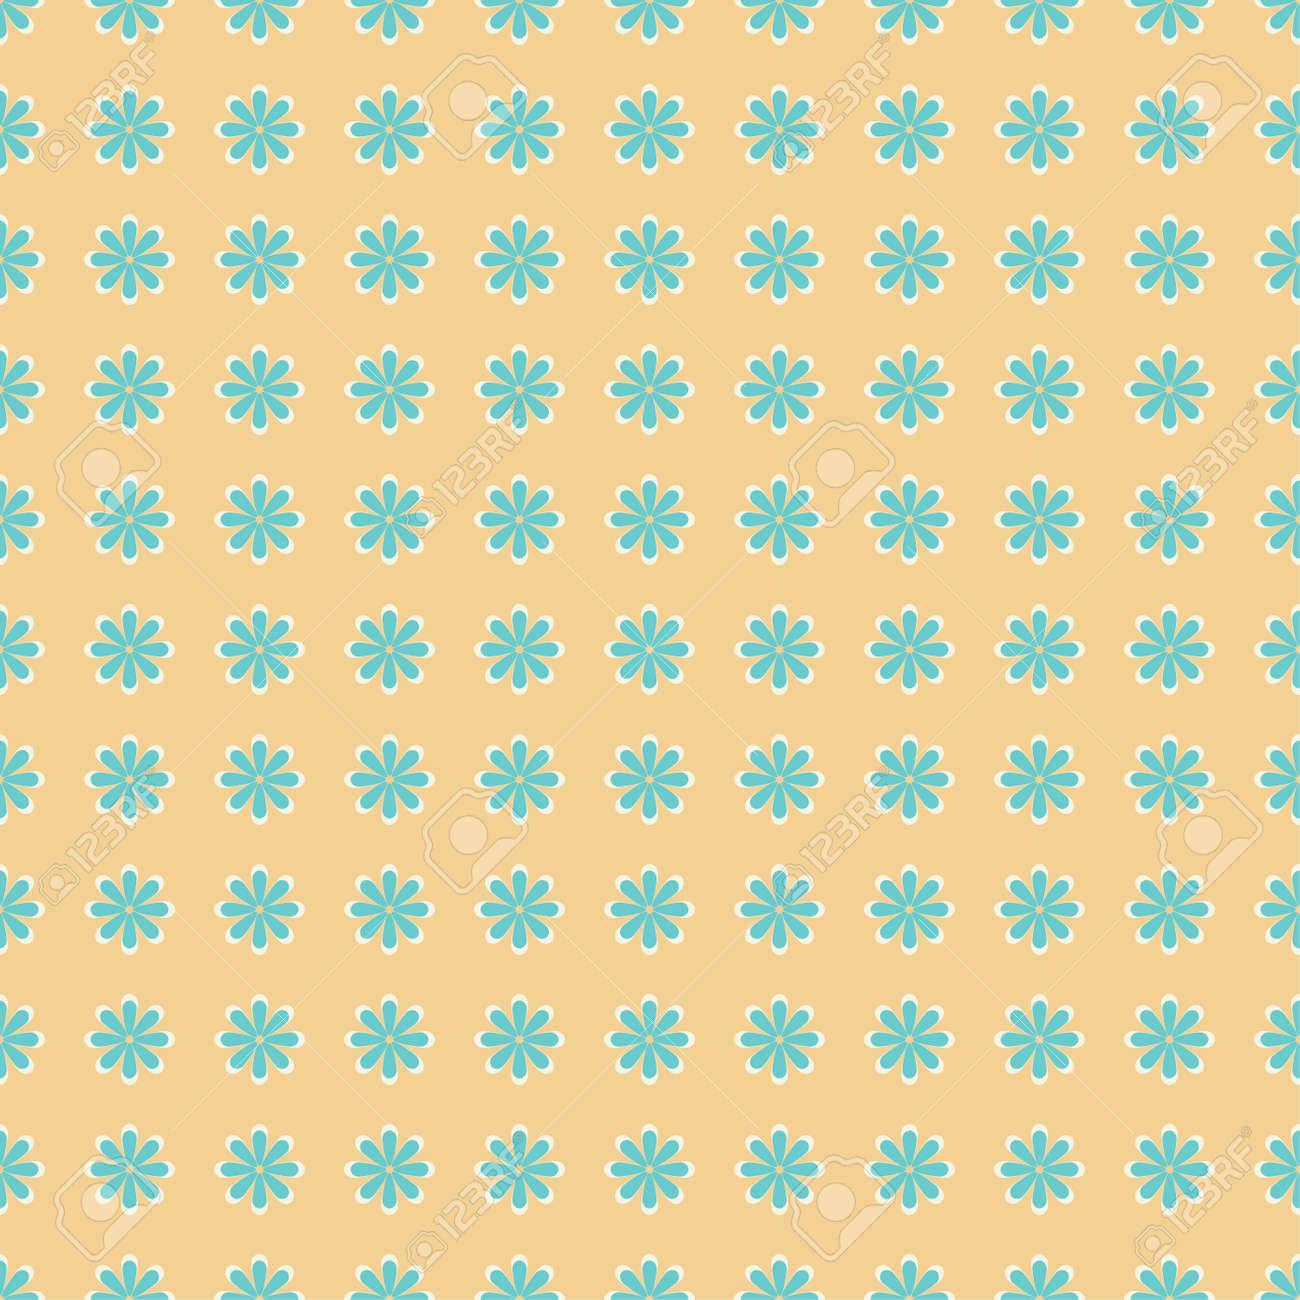 小規模な花でシンプルかわいいパターンベクトルのイラスト素材